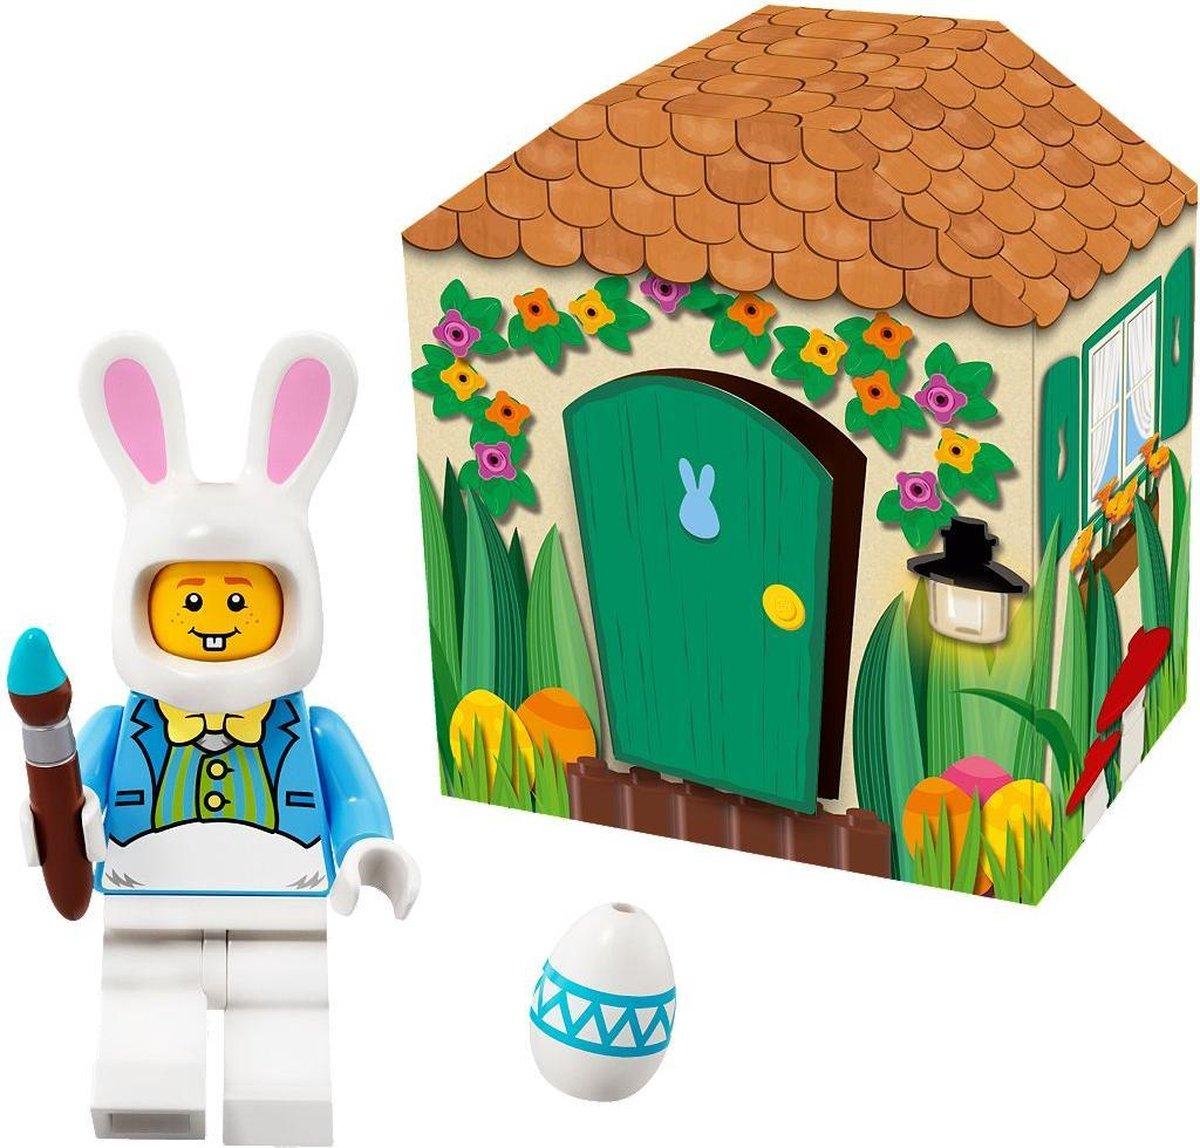 LEGO 5005249 Paashaas mini LEGO poppetje figuur in kartonnen huisje